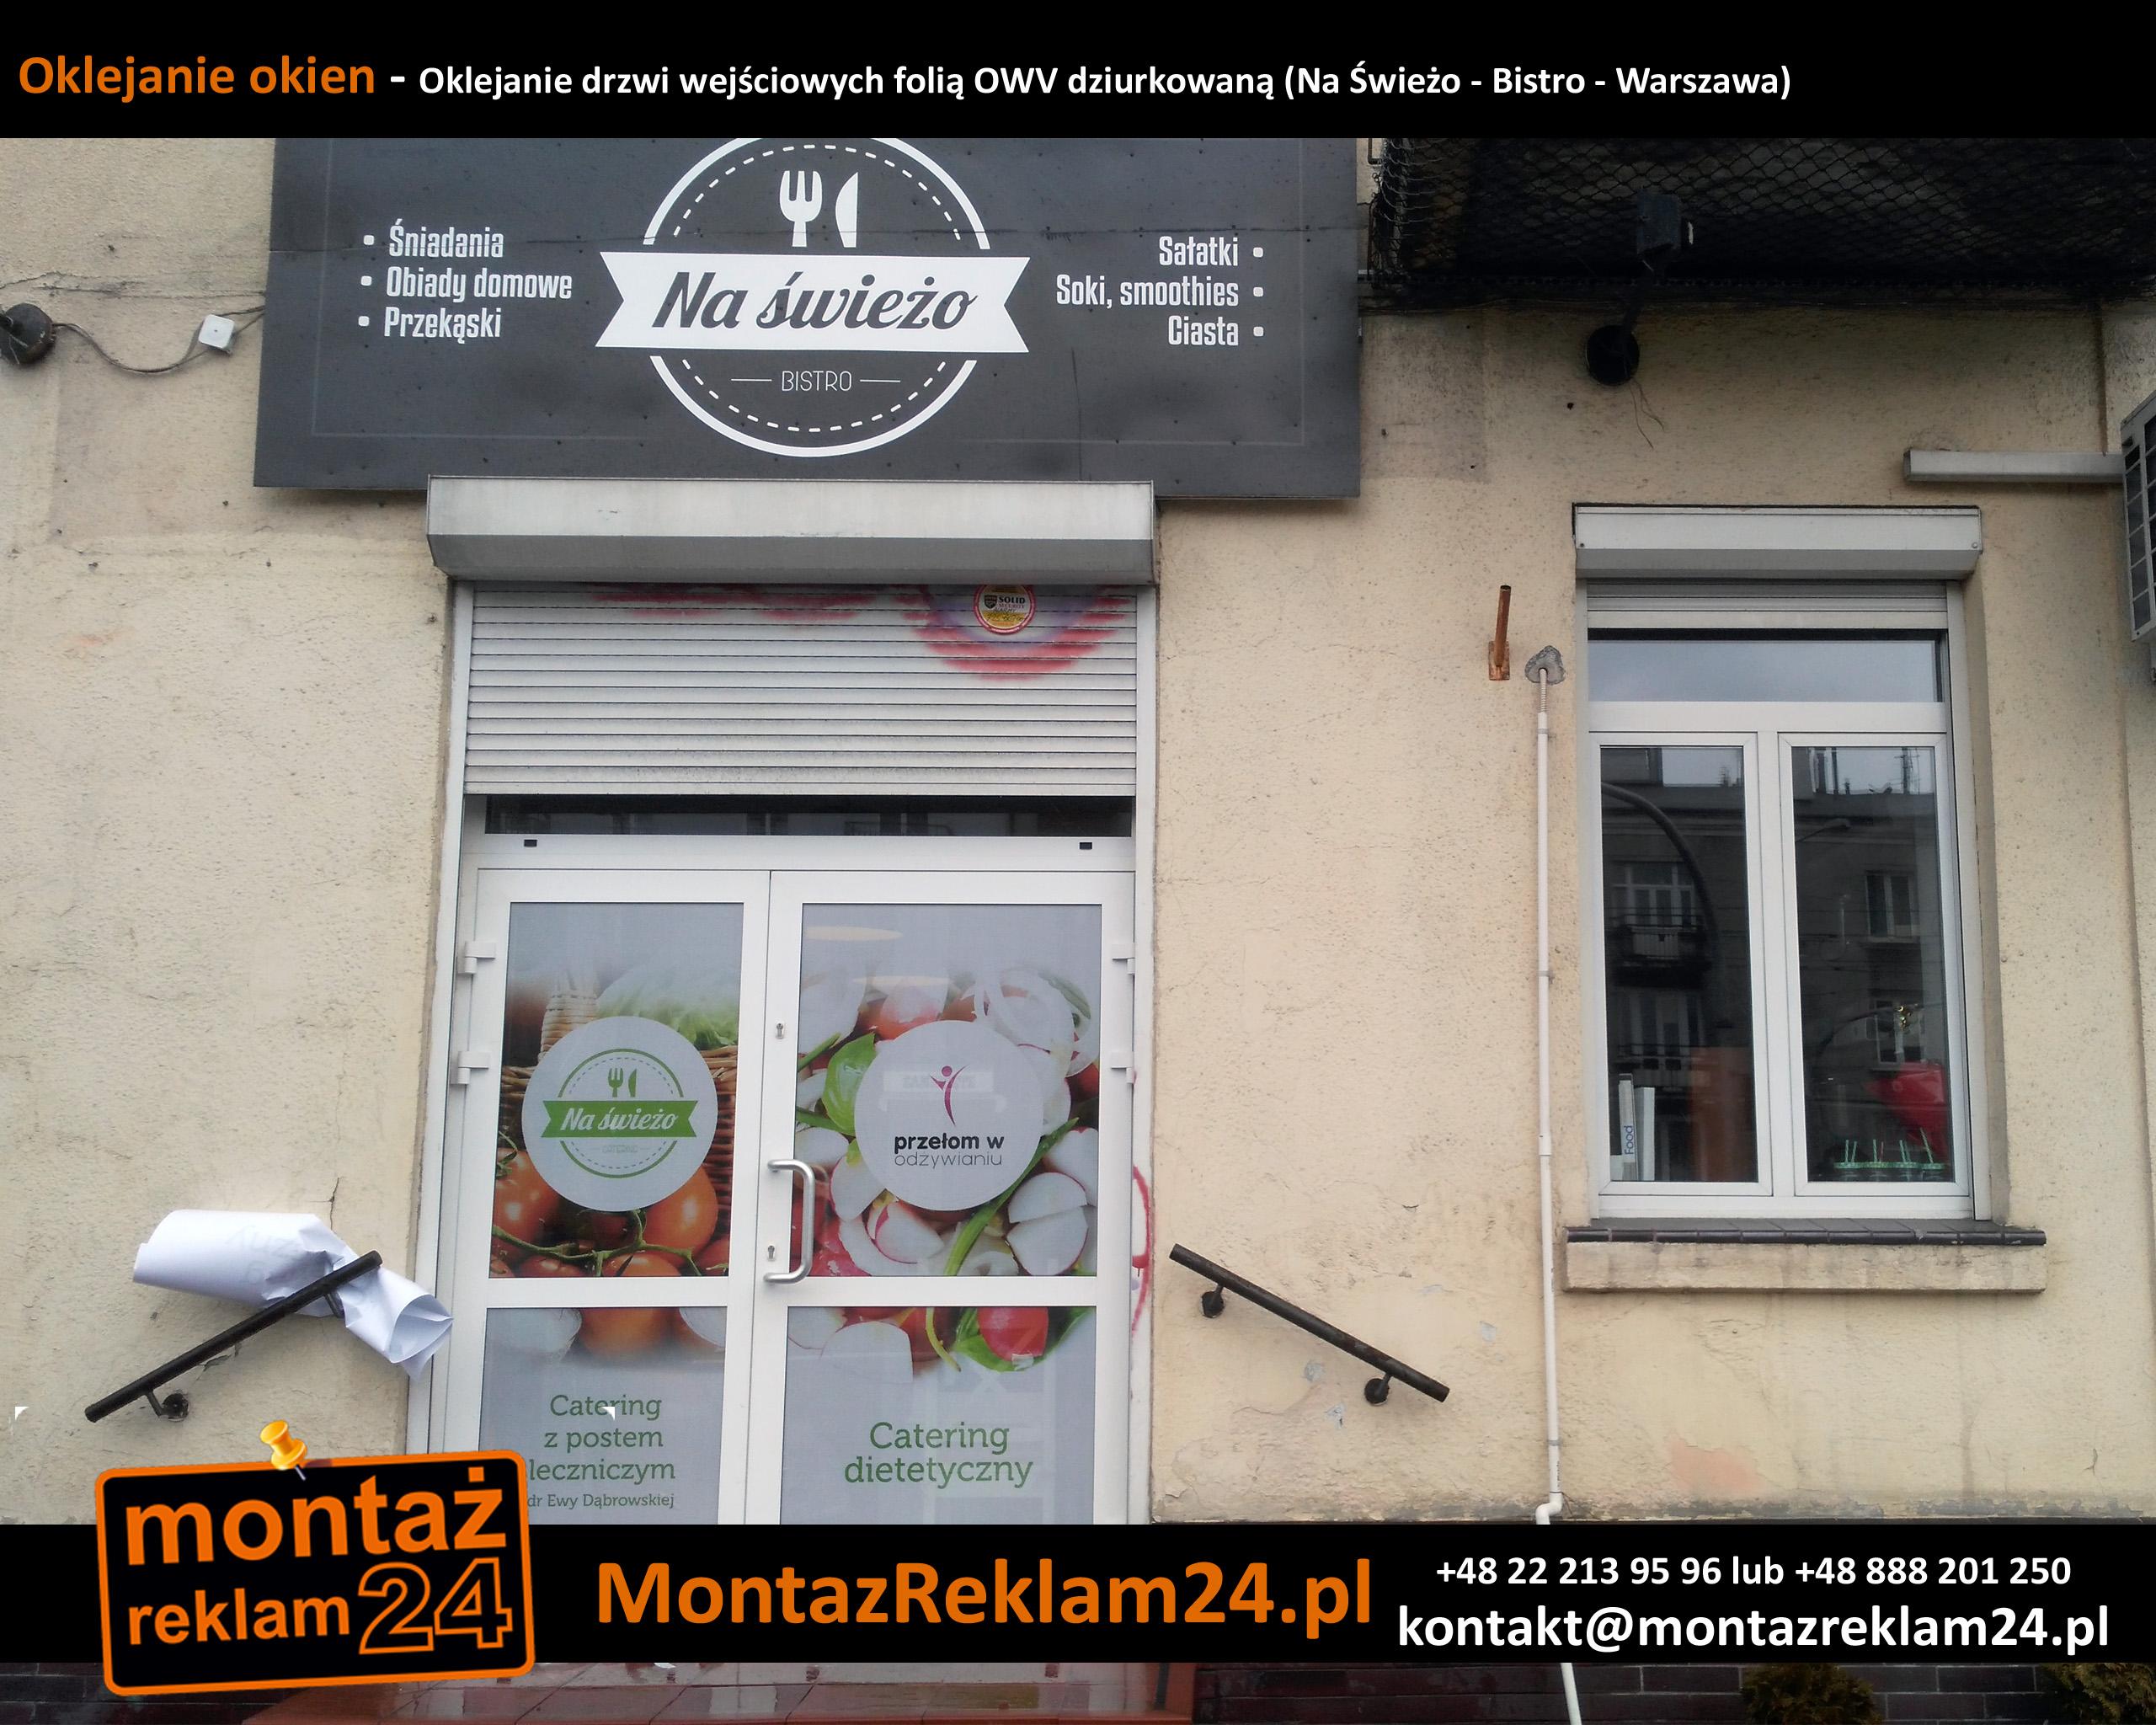 Oklejanie okien - Oklejanie drzwi wejściowych folią OWV dziurkowaną (Na Świeżo - Bistro - Warszawa).jpg